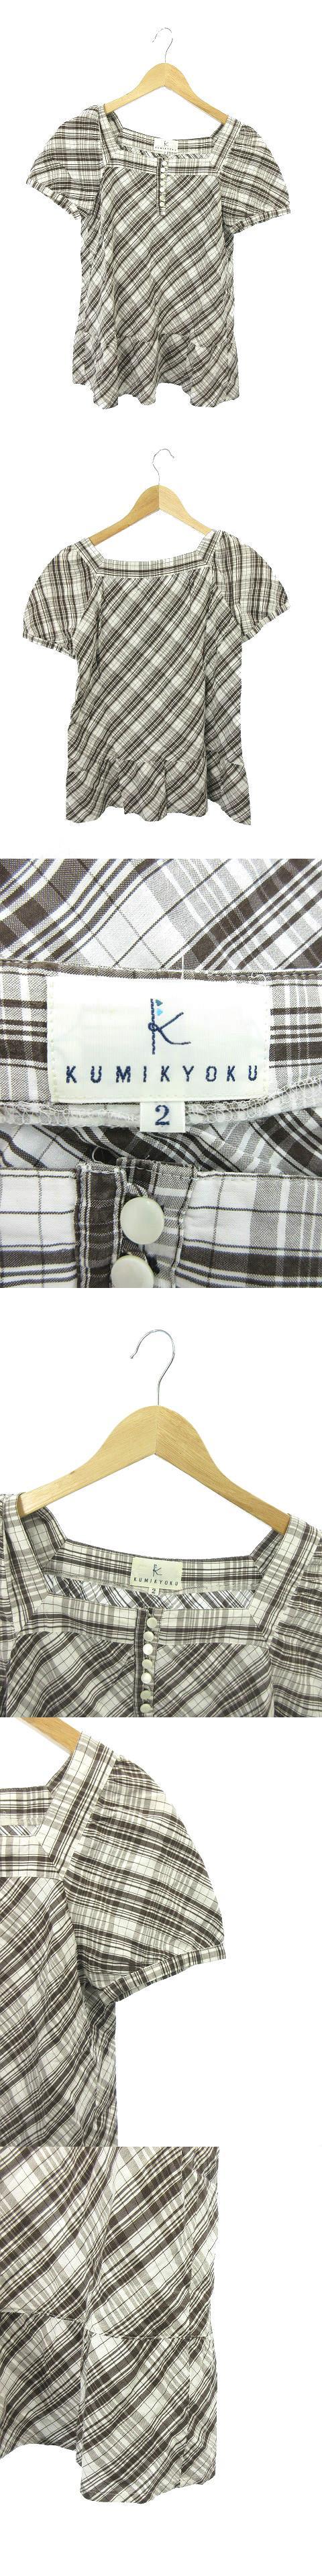 シャツ ブラウス スクエアネック ハーフボタンアップ 総柄 半袖 2 白 ホワイト /M3O